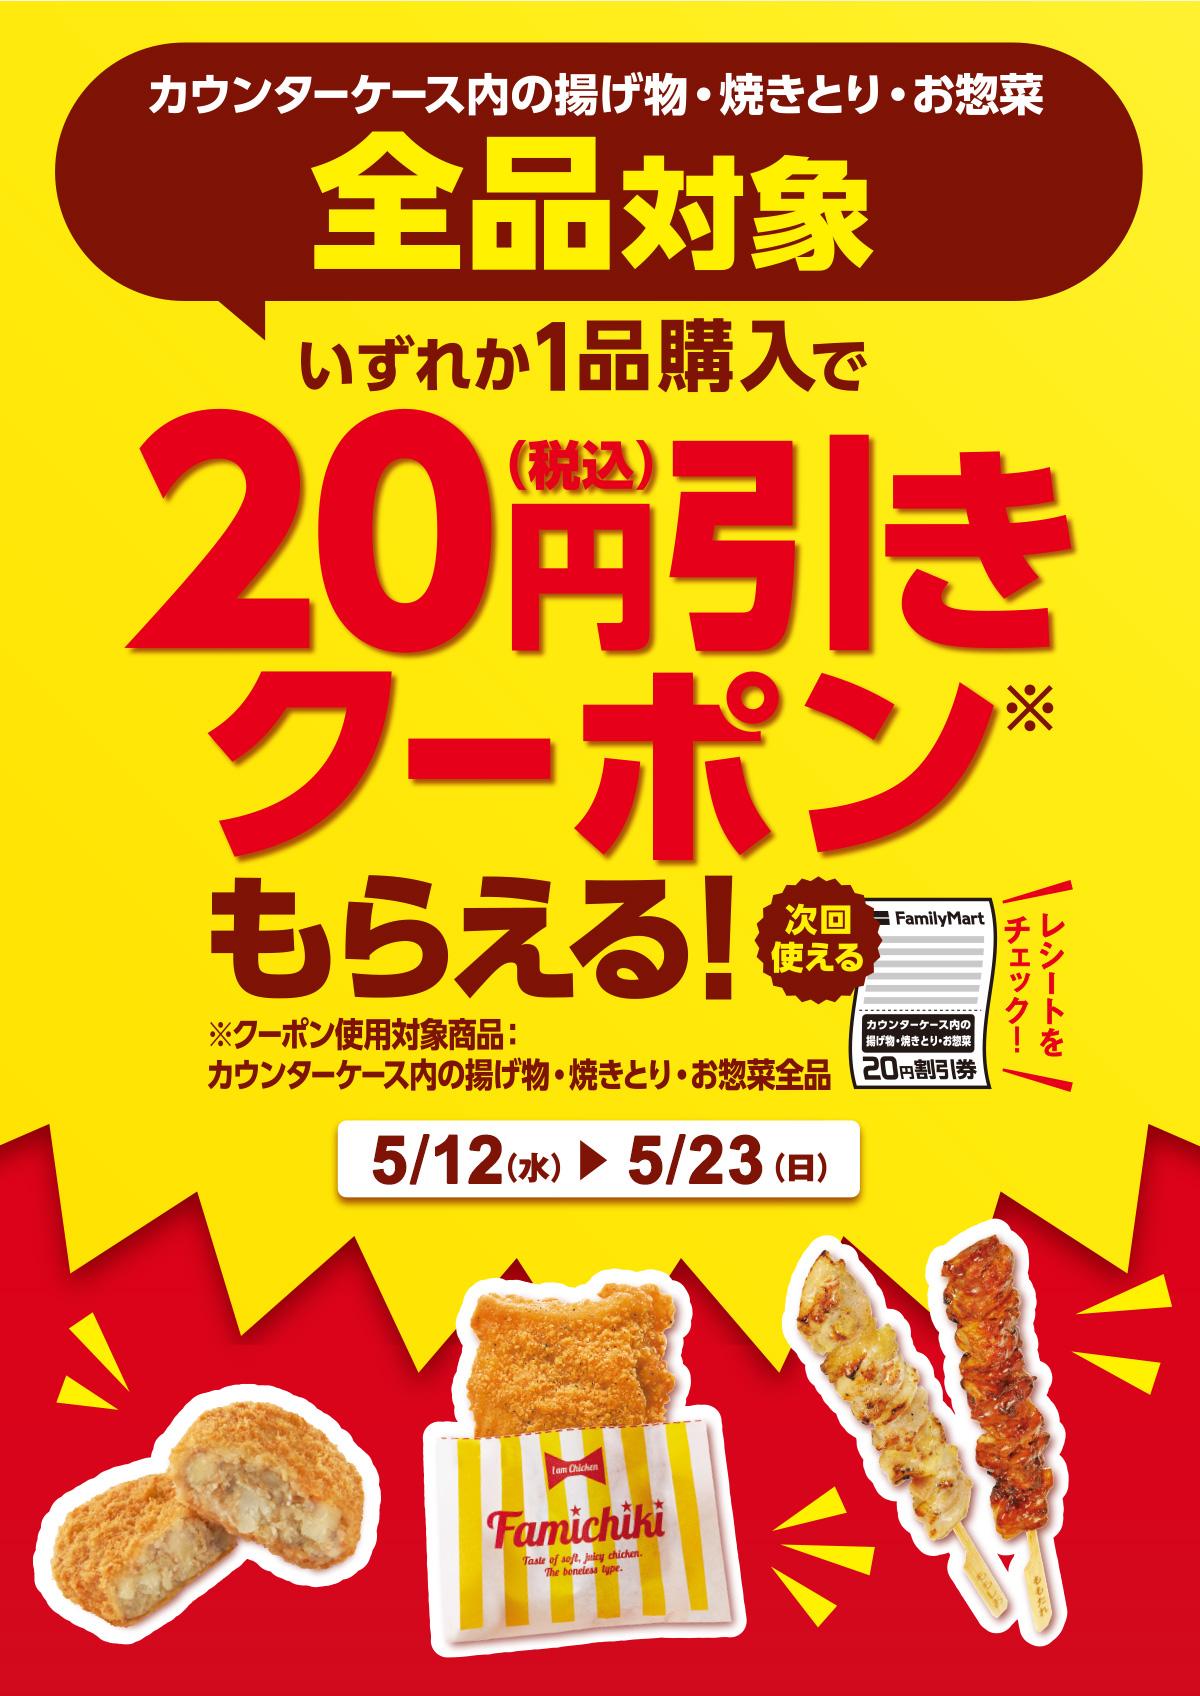 20円引きクーポンがもらえる!お得なキャンペーン開催中!